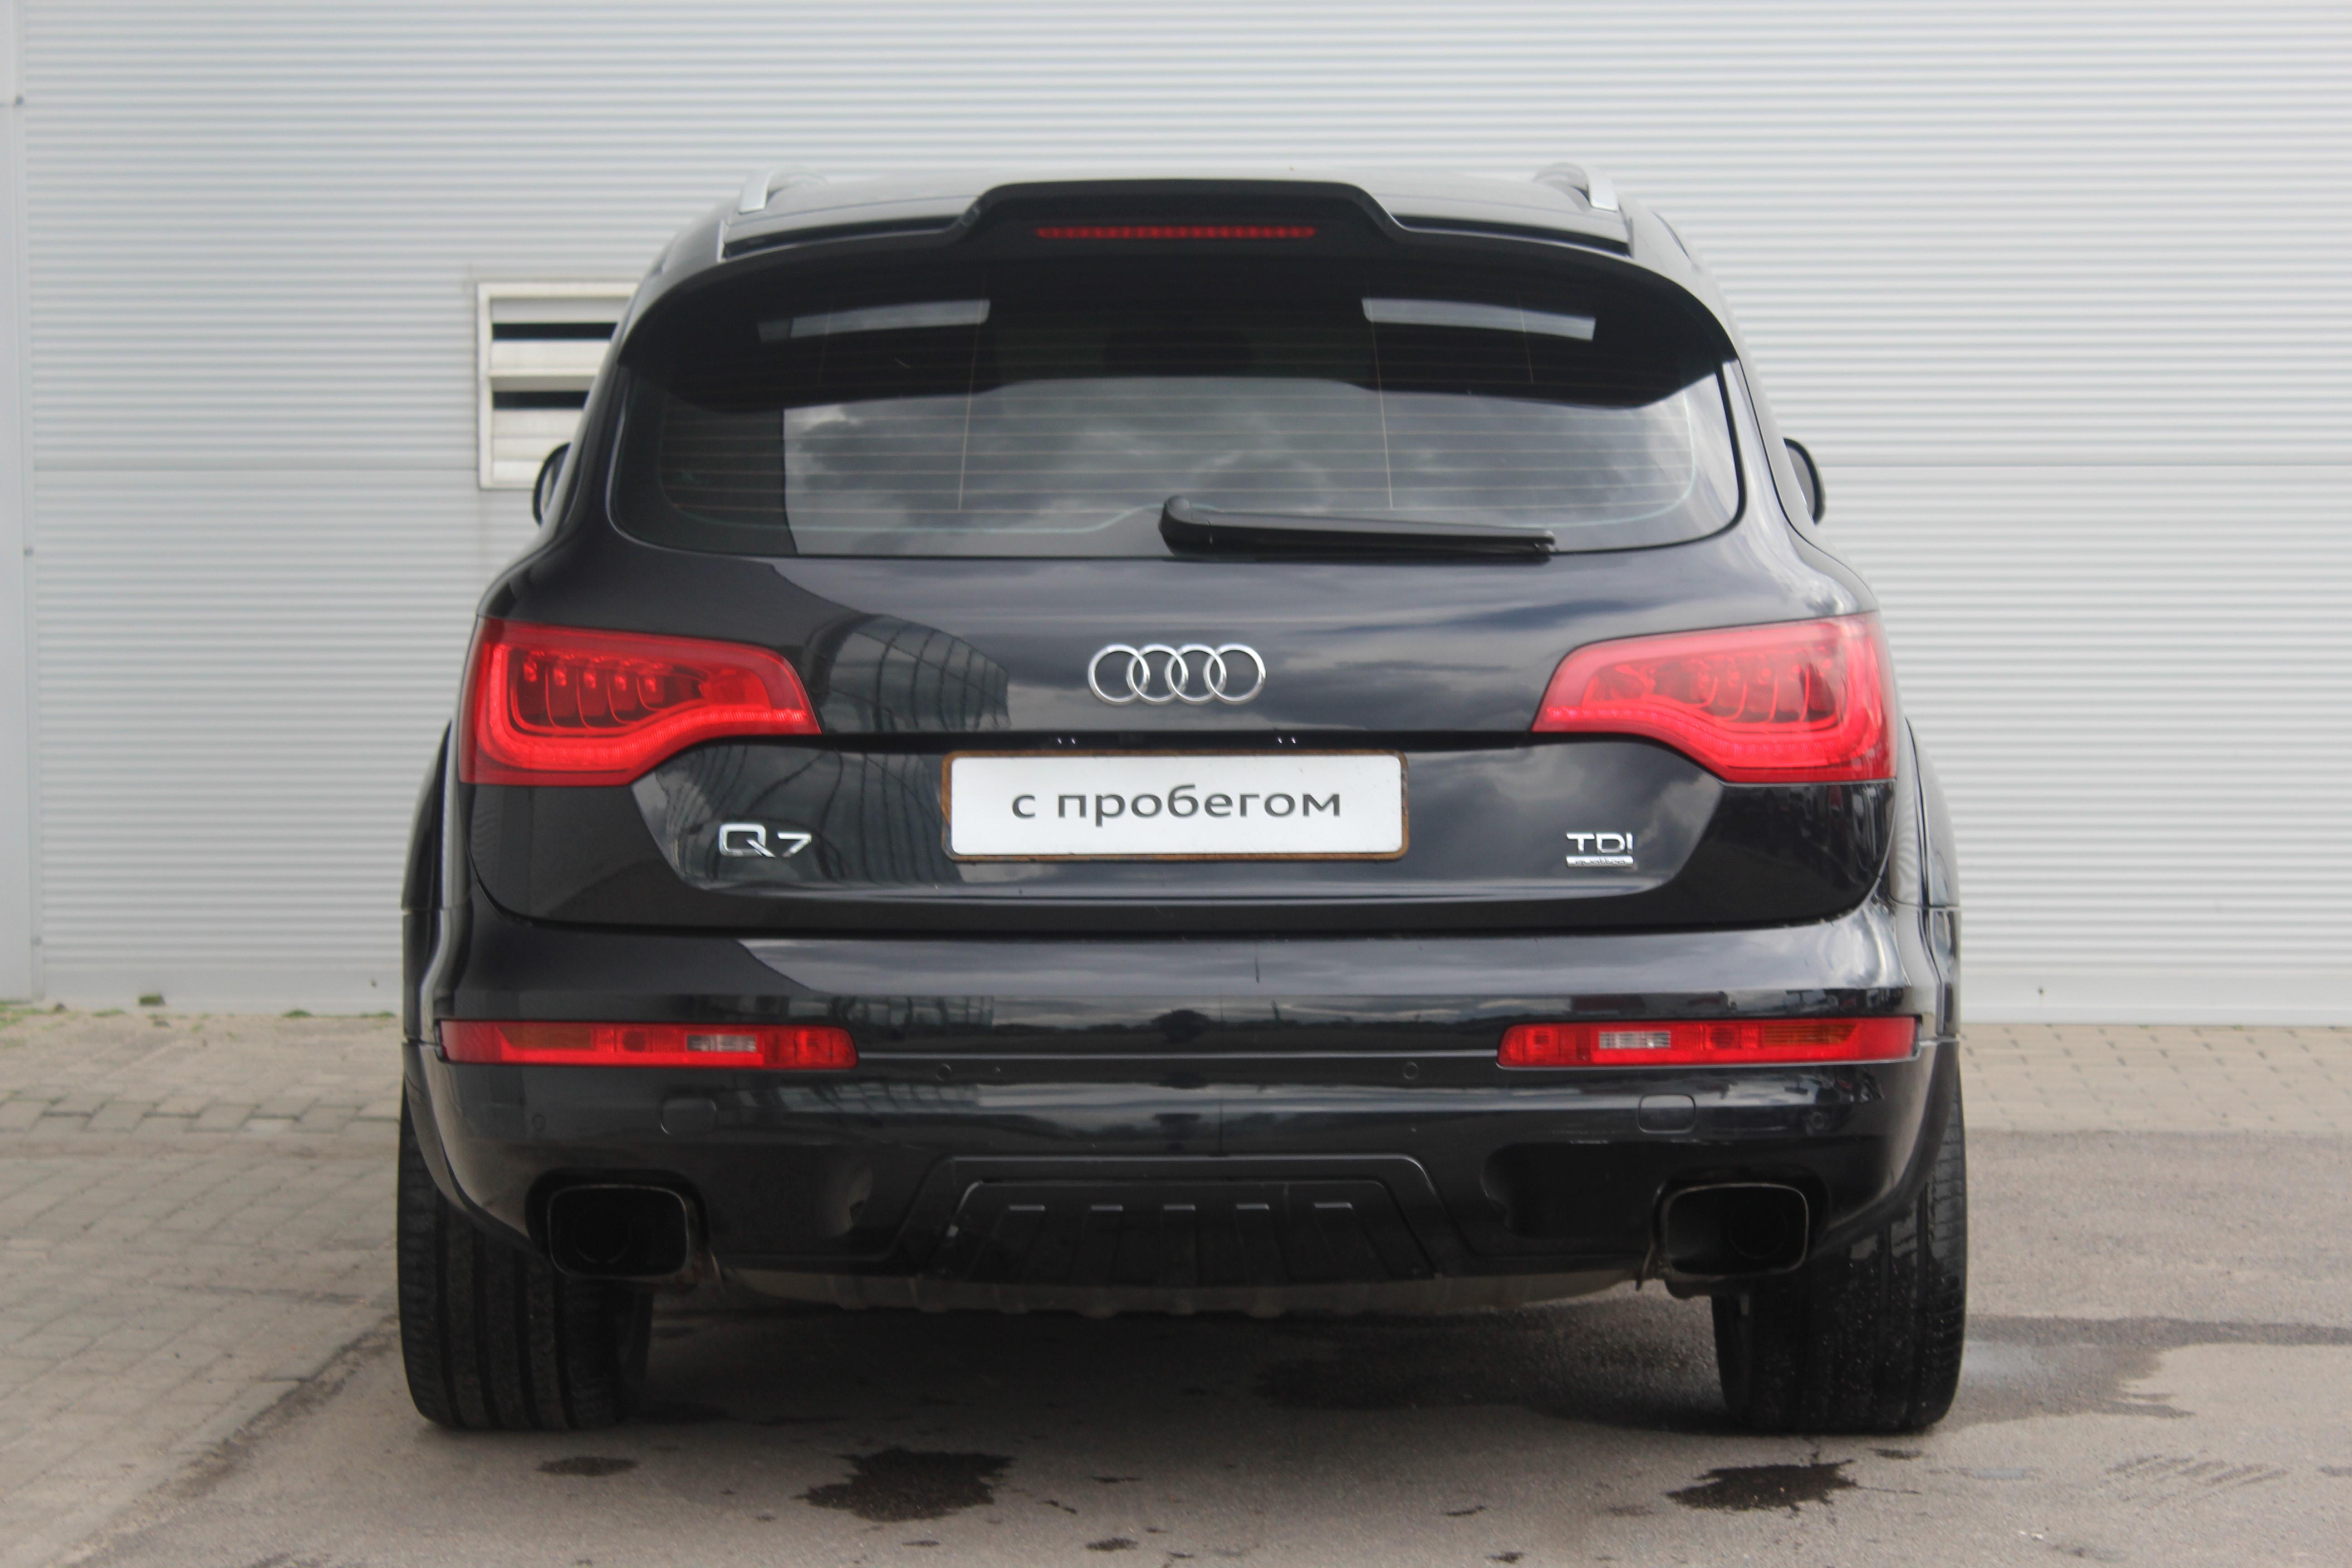 Audi Q7 Внедорожник (2013г.)